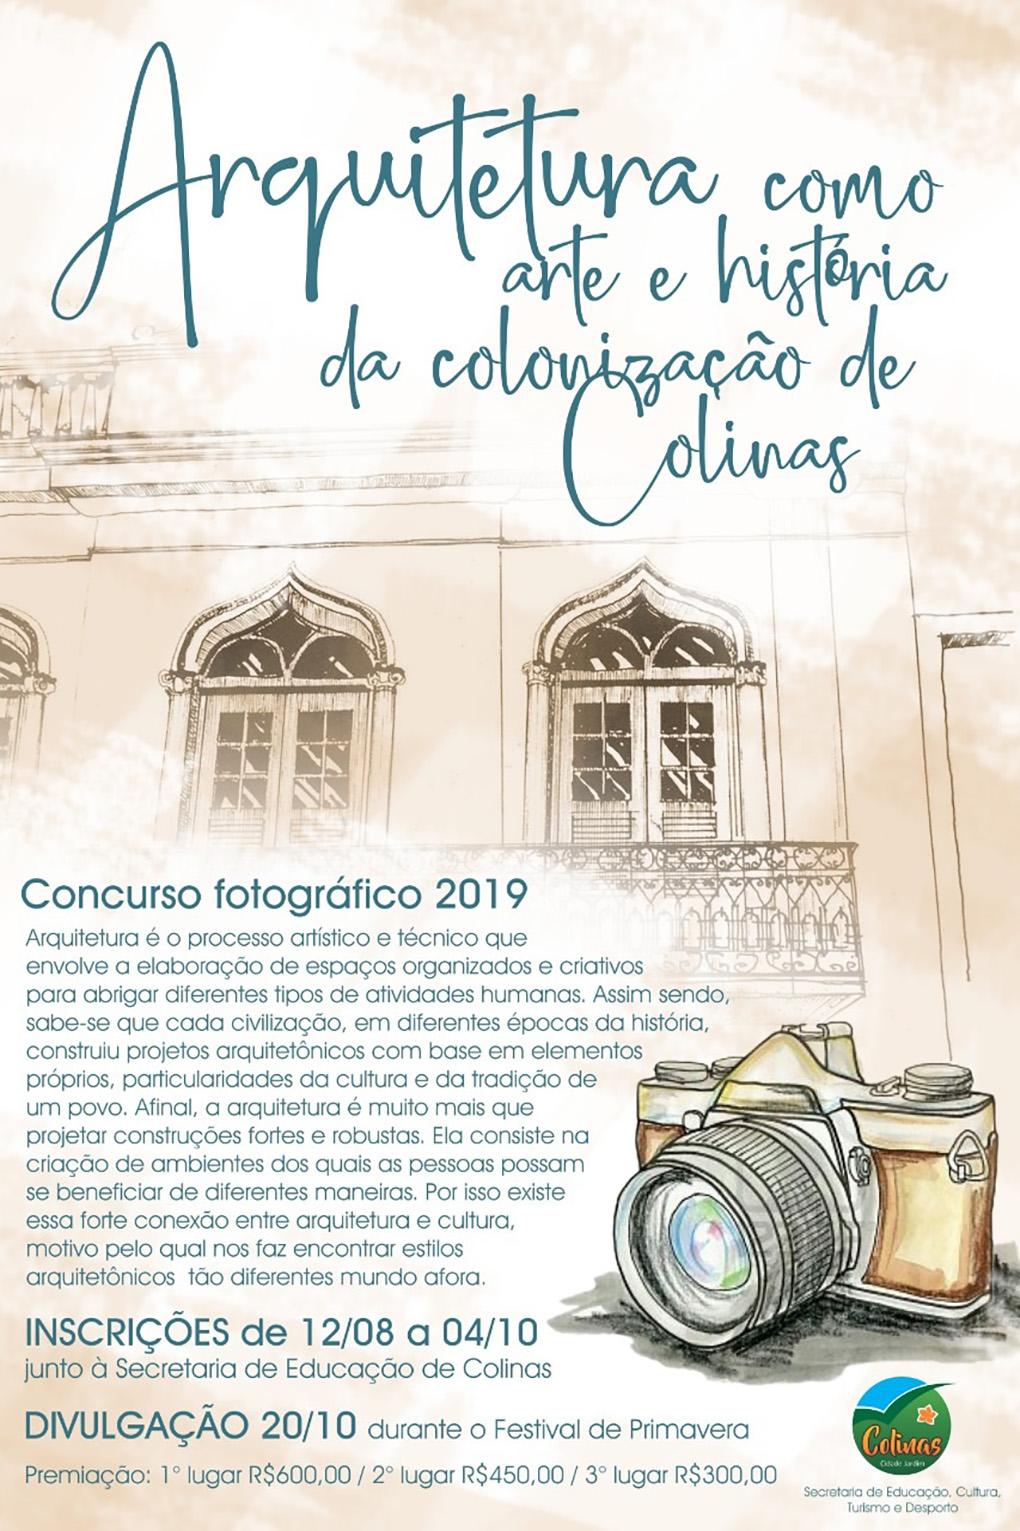 11º concurso fotográfico de Colinas abre inscriç...